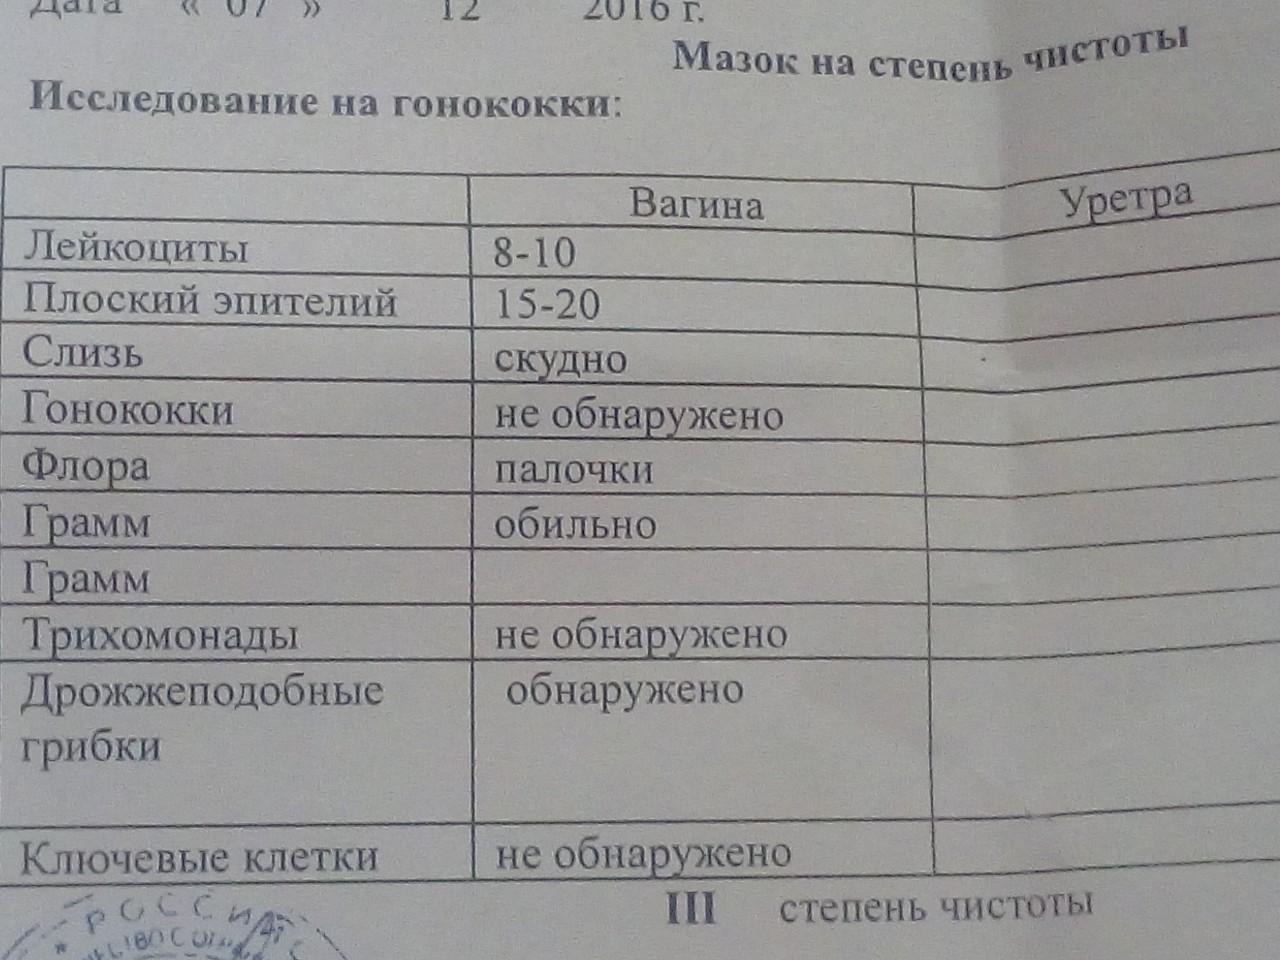 norma-leykotsitov-v-vagine